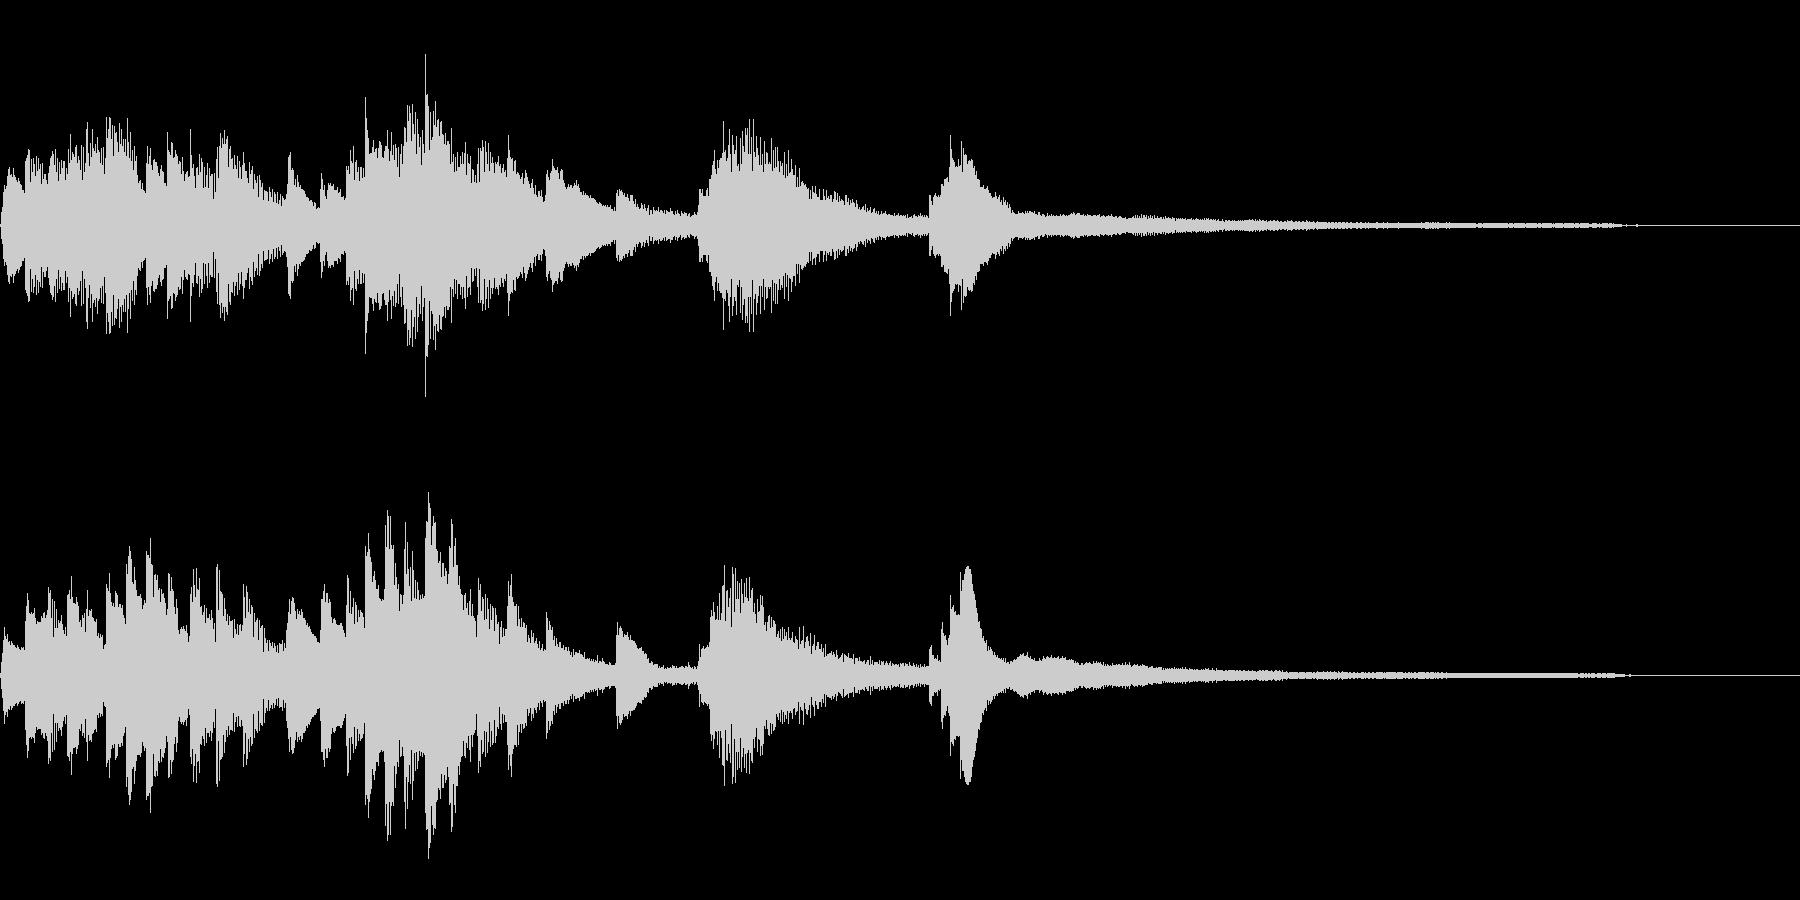 暗く艶やかな和風ジングル42-ピアノソロの未再生の波形